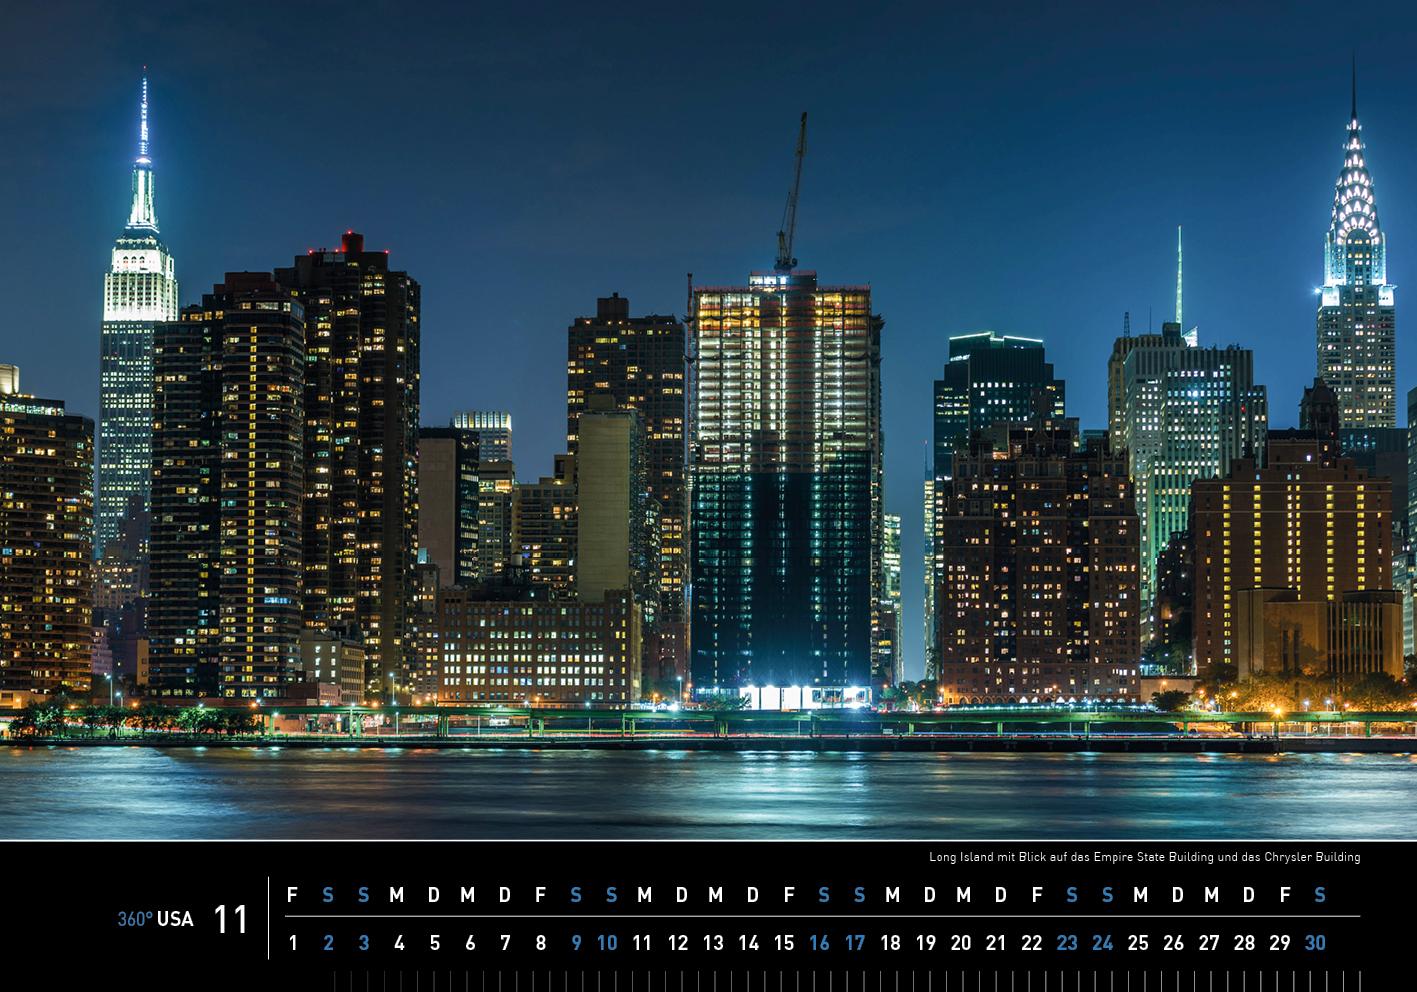 New York Kalender 2019 : 360 usa new york kalender 2019 360 medien shop ~ Kayakingforconservation.com Haus und Dekorationen